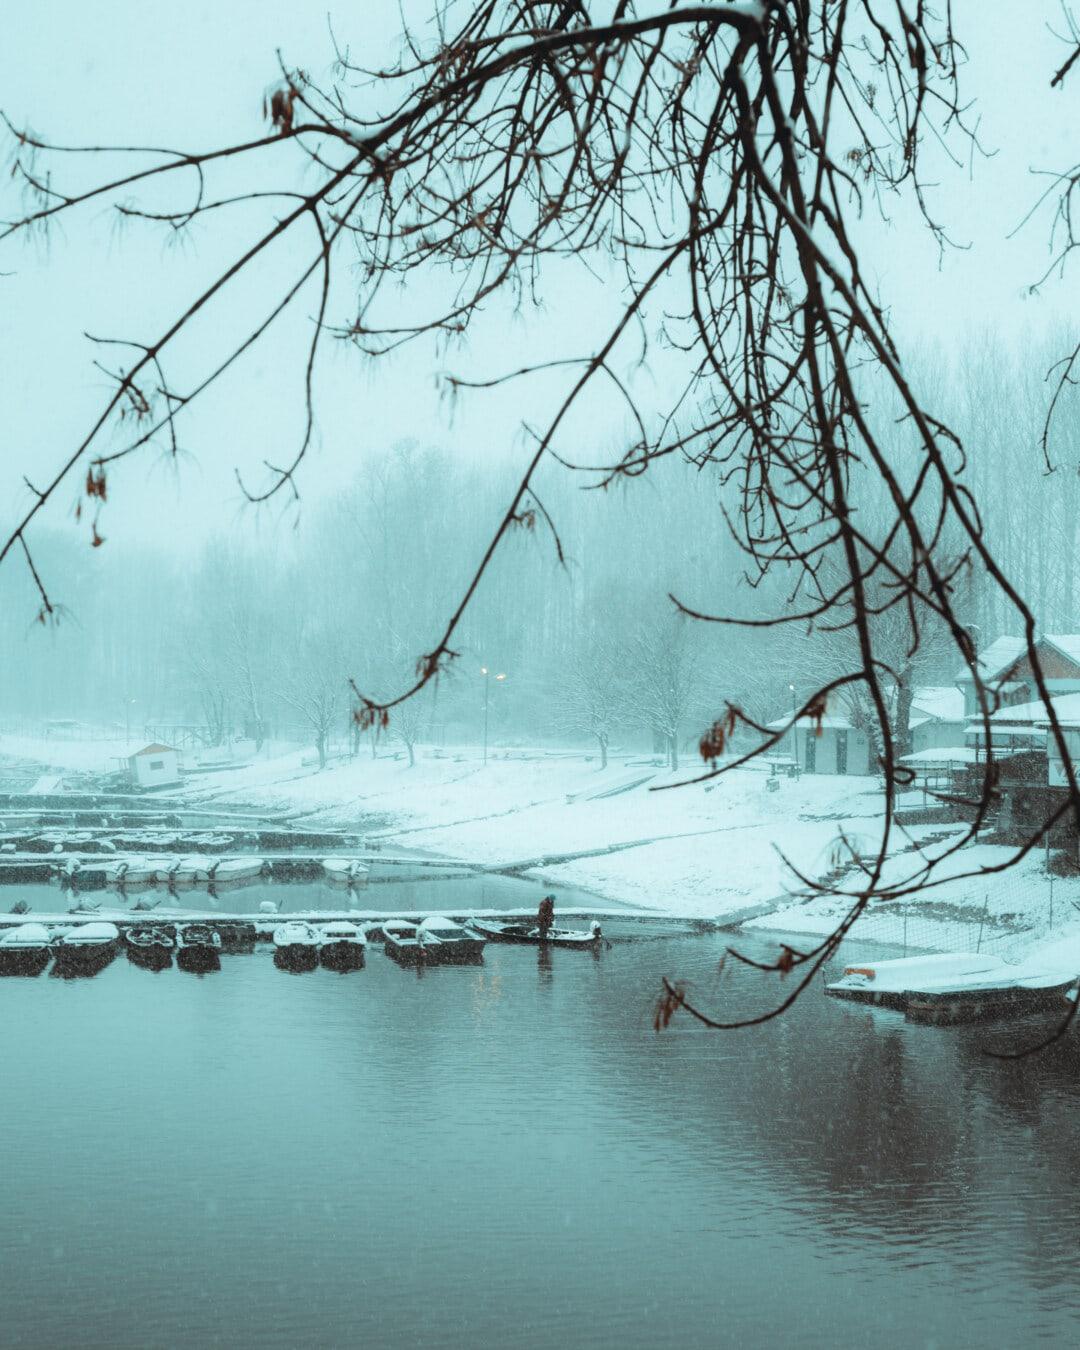 neigeux, météo, bateau de rivière, berge, brumeux, remise à bateaux, crépuscule, bateaux, arbre, neige